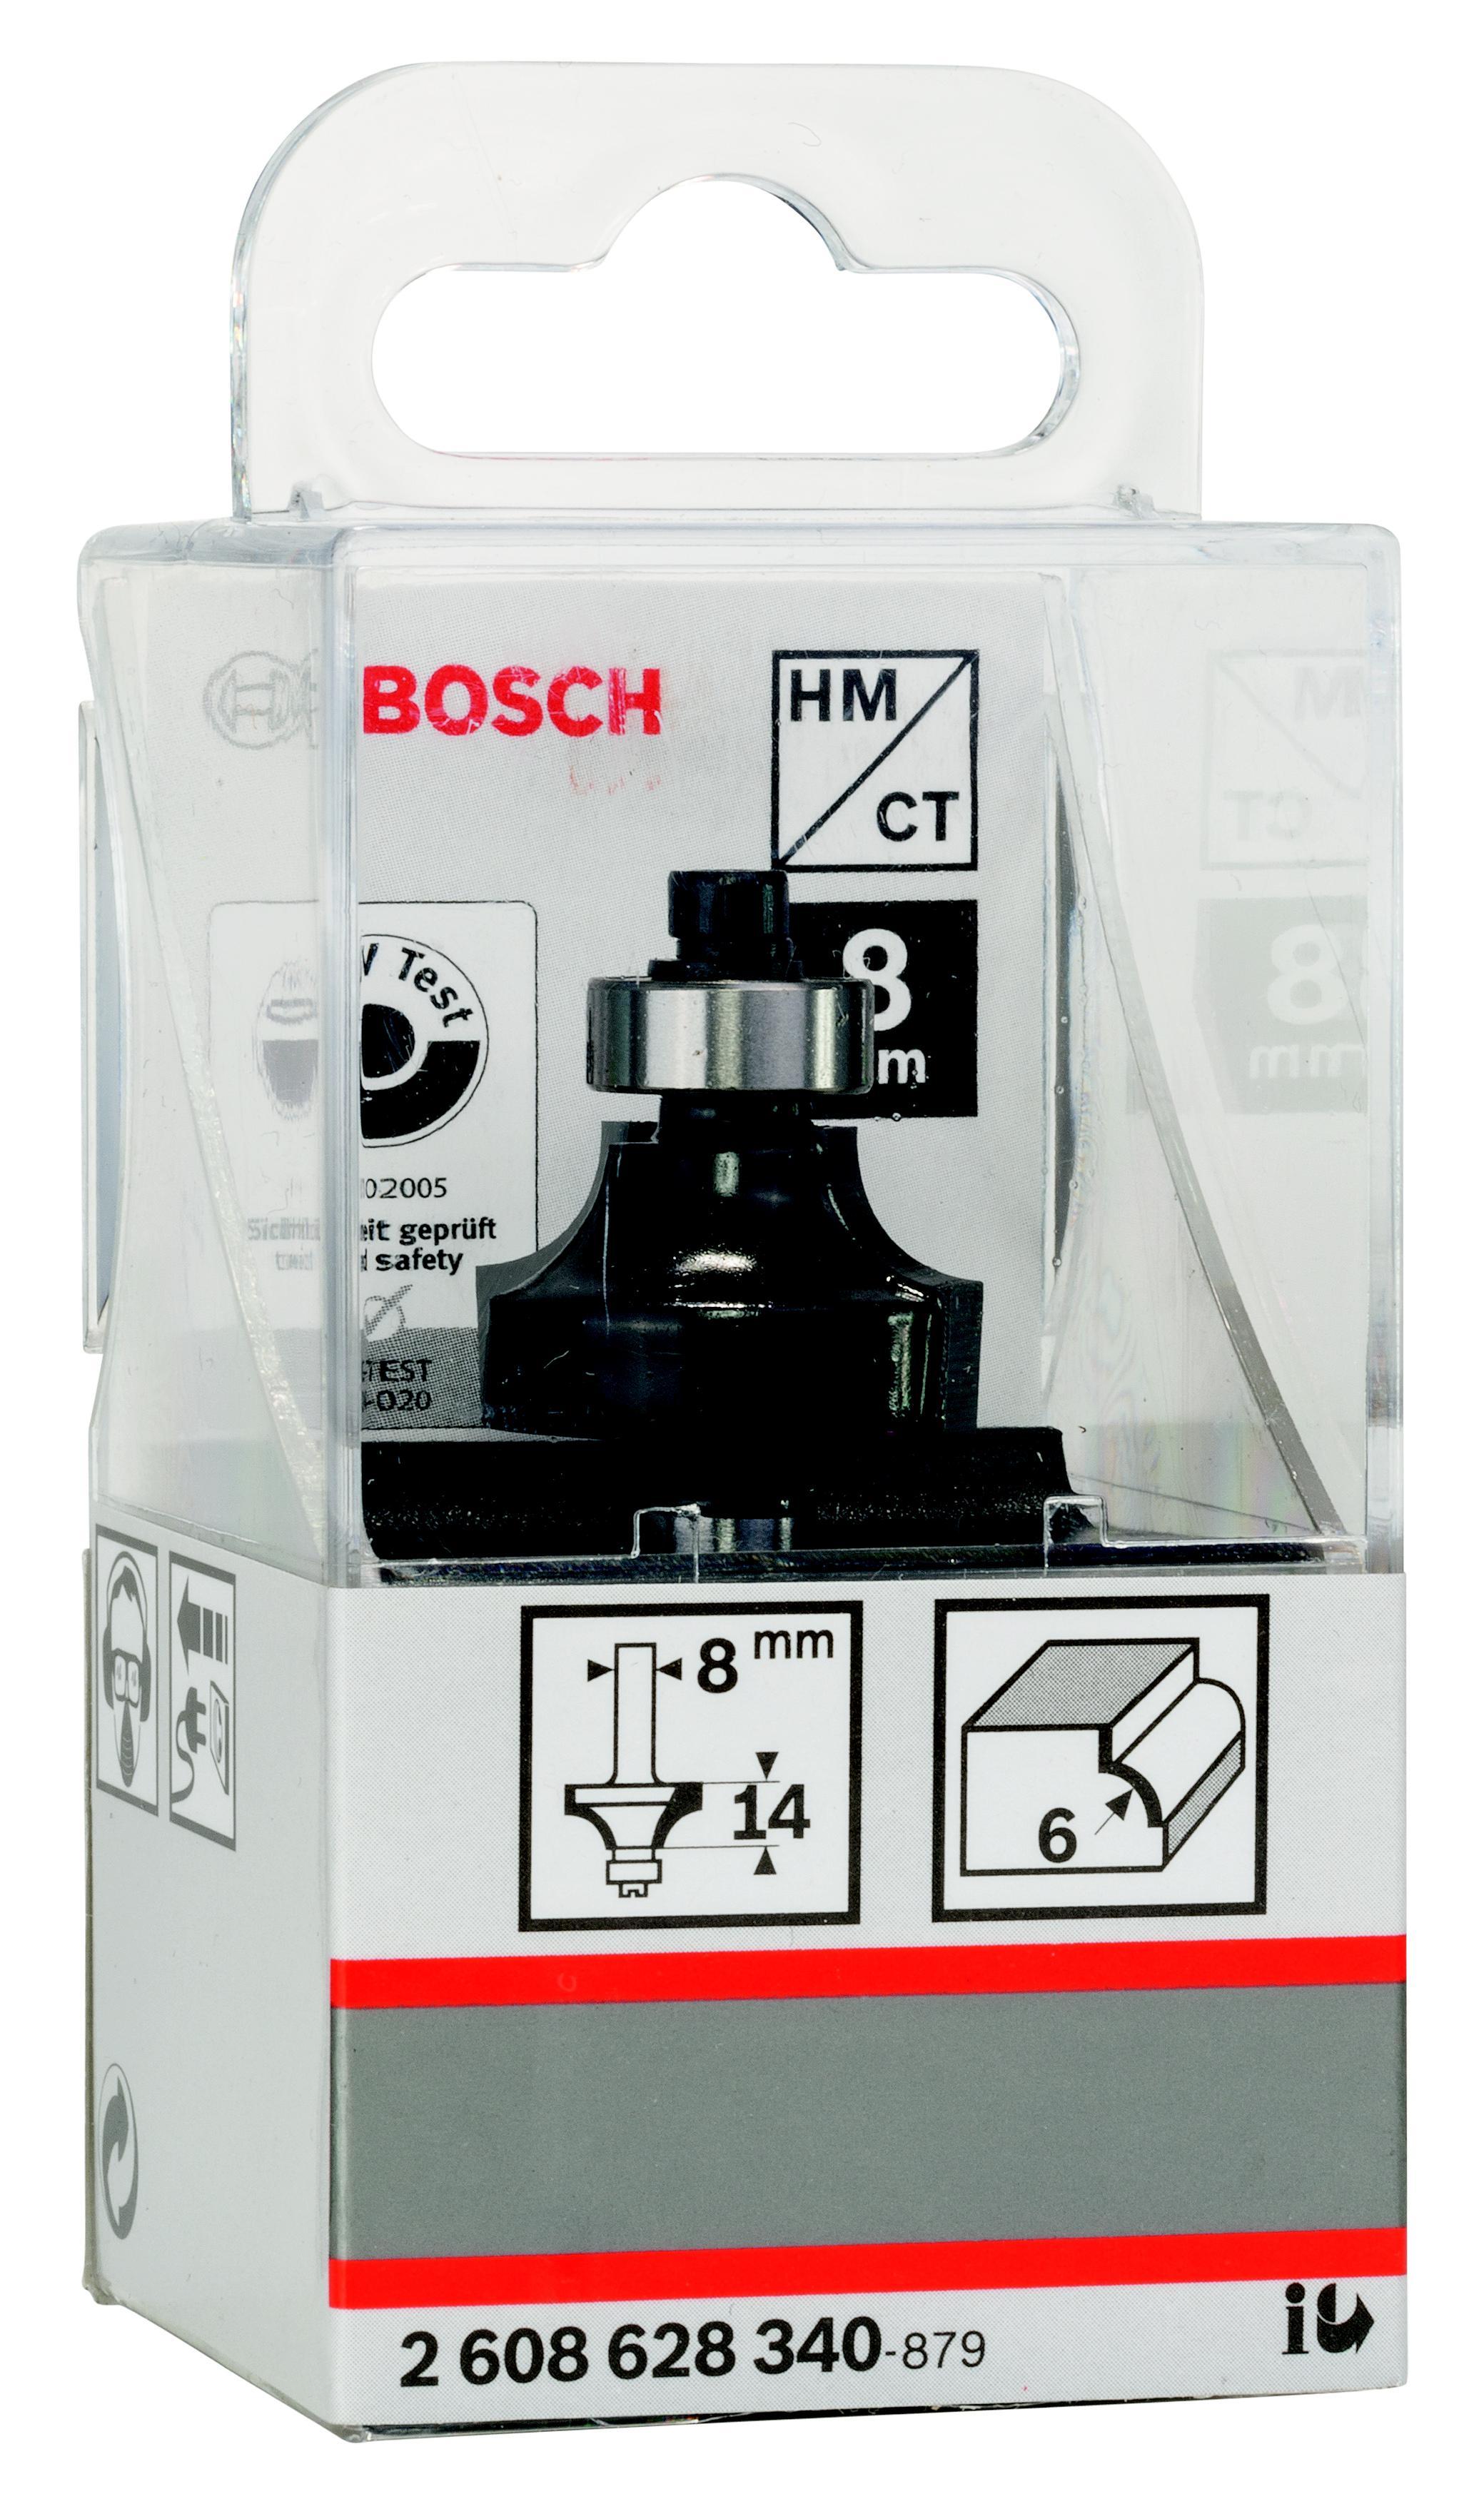 Купить Фреза Bosch карнизная 6/14/8 (2.608.628.340), Германия